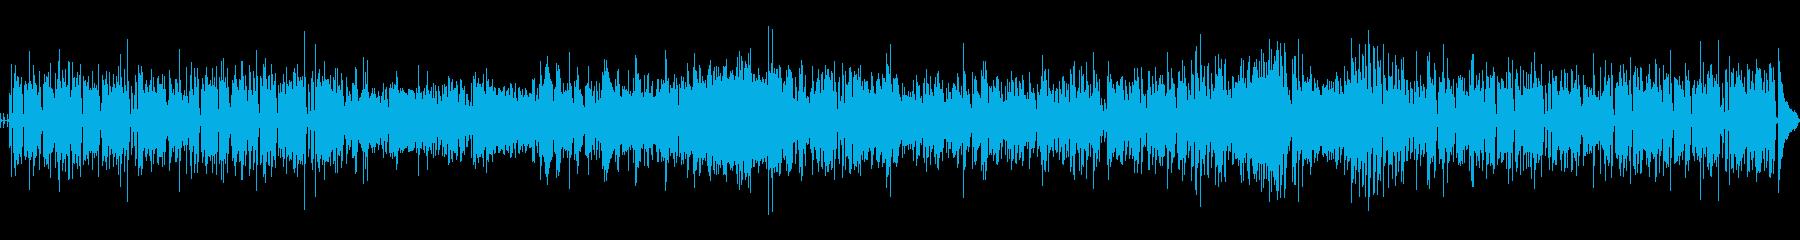 ジャズ 静か お洒落 ハイテク ア...の再生済みの波形